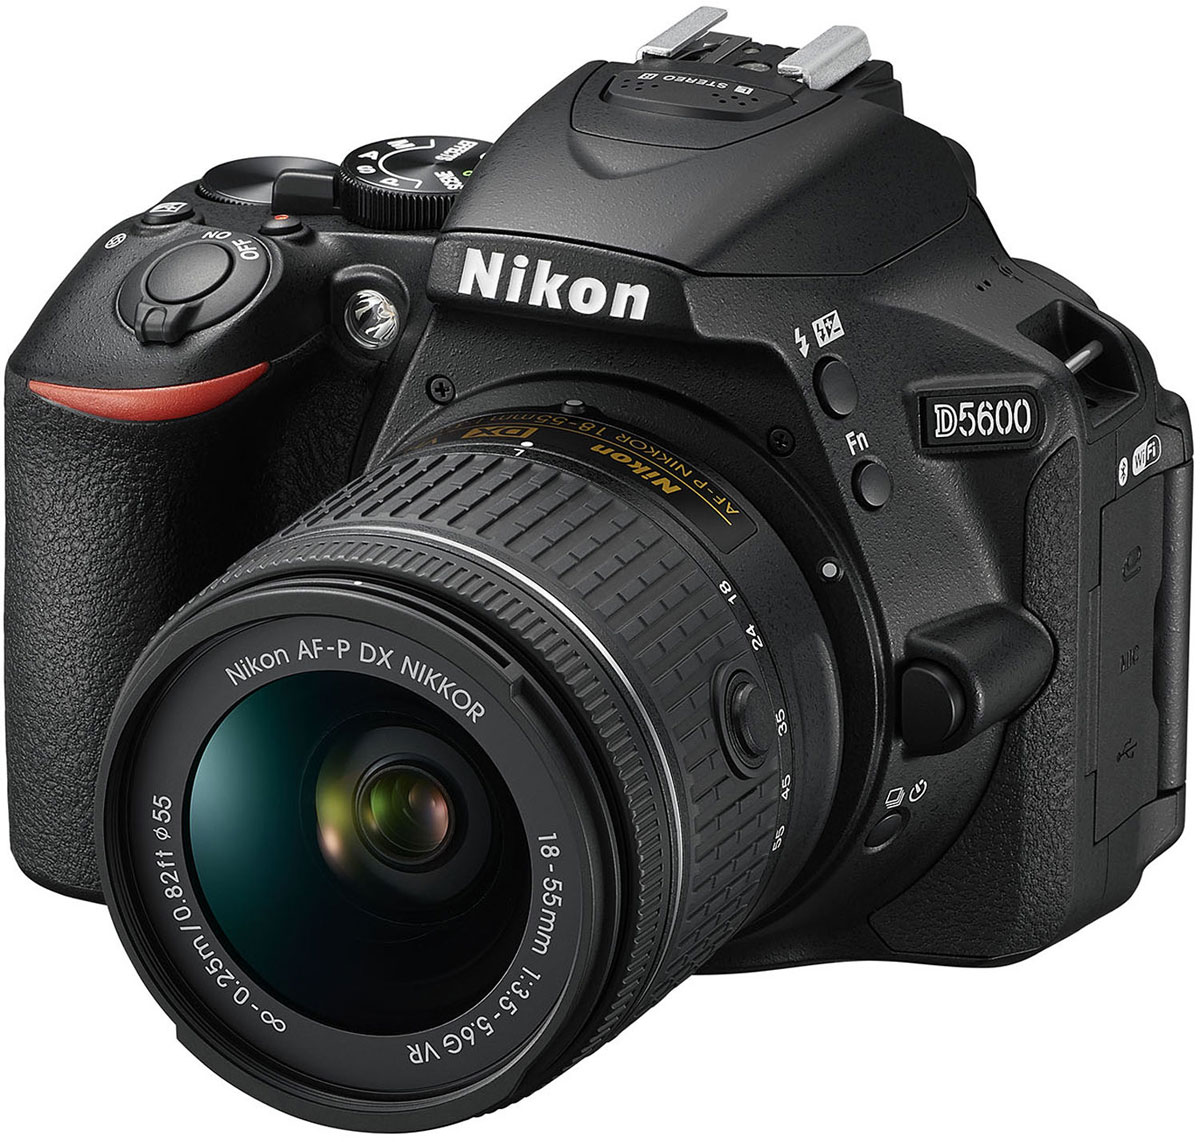 Nikon D5600 Kit 18-55 VR, Black цифровая зеркальная камераVBA500K001Следуйте за своим вдохновением, вооружившись фотокамерой Nikon D5600 с постоянным подключением.Фотокамера D5600, оснащенная большой матрицей формата DX с разрешением 24,2 млн пикселей, может четко воспроизводить тончайшие текстуры и создавать изображения с потрясающей детализацией. Ваши друзья и подписчики в социальных сетях увидят на каждом снимке именно то, что вы хотели показать.Диапазон чувствительности 100–25 600 единиц ISO и расширенная до 6400 единиц ISO чувствительность в режиме Ночной пейзаж позволяет с легкостью получать отличные результаты при недостаточной освещенности и сложных условиях освещения.Система обработки изображений EXPEED 4 обеспечивает превосходное понижение шума даже при высоких значениях чувствительности ISO. А благодаря широкому выбору сменных объективов NIKKOR вы сможете с легкостью создавать изображения с эффектно размытым фоном и богатыми тональными оттенками.Революционное приложение SnapBridge от компании Nikon использует технологию подключения Bluetooth low energy, обеспечивая постоянную связь между фотокамерой и совместимым интеллектуальным устройством. Подключение фотокамеры к интеллектуальному устройству не вызовет никаких сложностей. После этого фотокамера сможет синхронно передавать фотографии на устройство по мере съемки, при этом не нужно тратить время на повторное подключение.Фотокамера обладает безупречной эргономикой, что позволяет вам полностью сосредоточиться на процессе съемки. Создавайте кадры с великолепной композицией благодаря высококачественному оптическому видоискателю, обеспечивающему исключительно четкое изображение с объектива. Если вам нужно сосредоточиться на объекте съемки, использование видоискателя позволяет отмежеваться от солнечного света и других помех. Также вы сможете крепче удерживать фотокамеру при использовании телеобъектива. Удобное расположение диска управления и мультиселектора позволяет легко менять настройки во время съемки.Теп